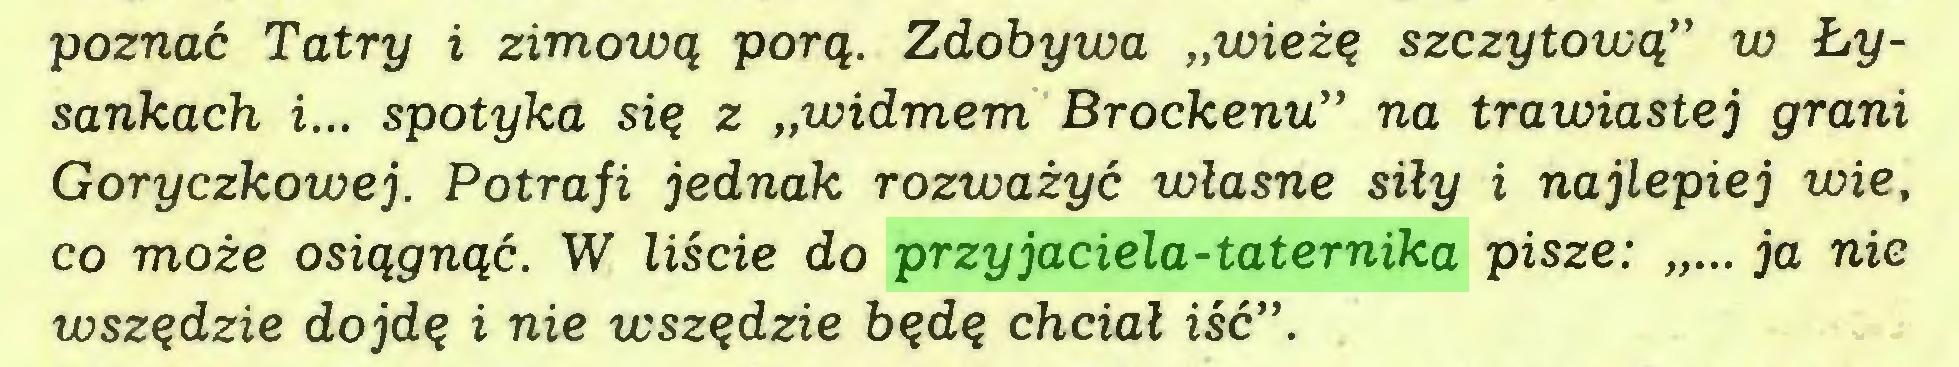 """(...) poznać Tatry i zimową porą. Zdobywa """"wieżę szczytową"""" w Łysankach i... spotyka się z """"widmem Brockenu"""" na trawiastej grani Goryczkowej. Potrafi jednak rozważyć własne siły i najlepiej wie, co może osiągnąć. W liście do przyjaciela-taternika pisze: """"... ja nie wszędzie dojdę i nie wszędzie będę chciał iść""""..."""